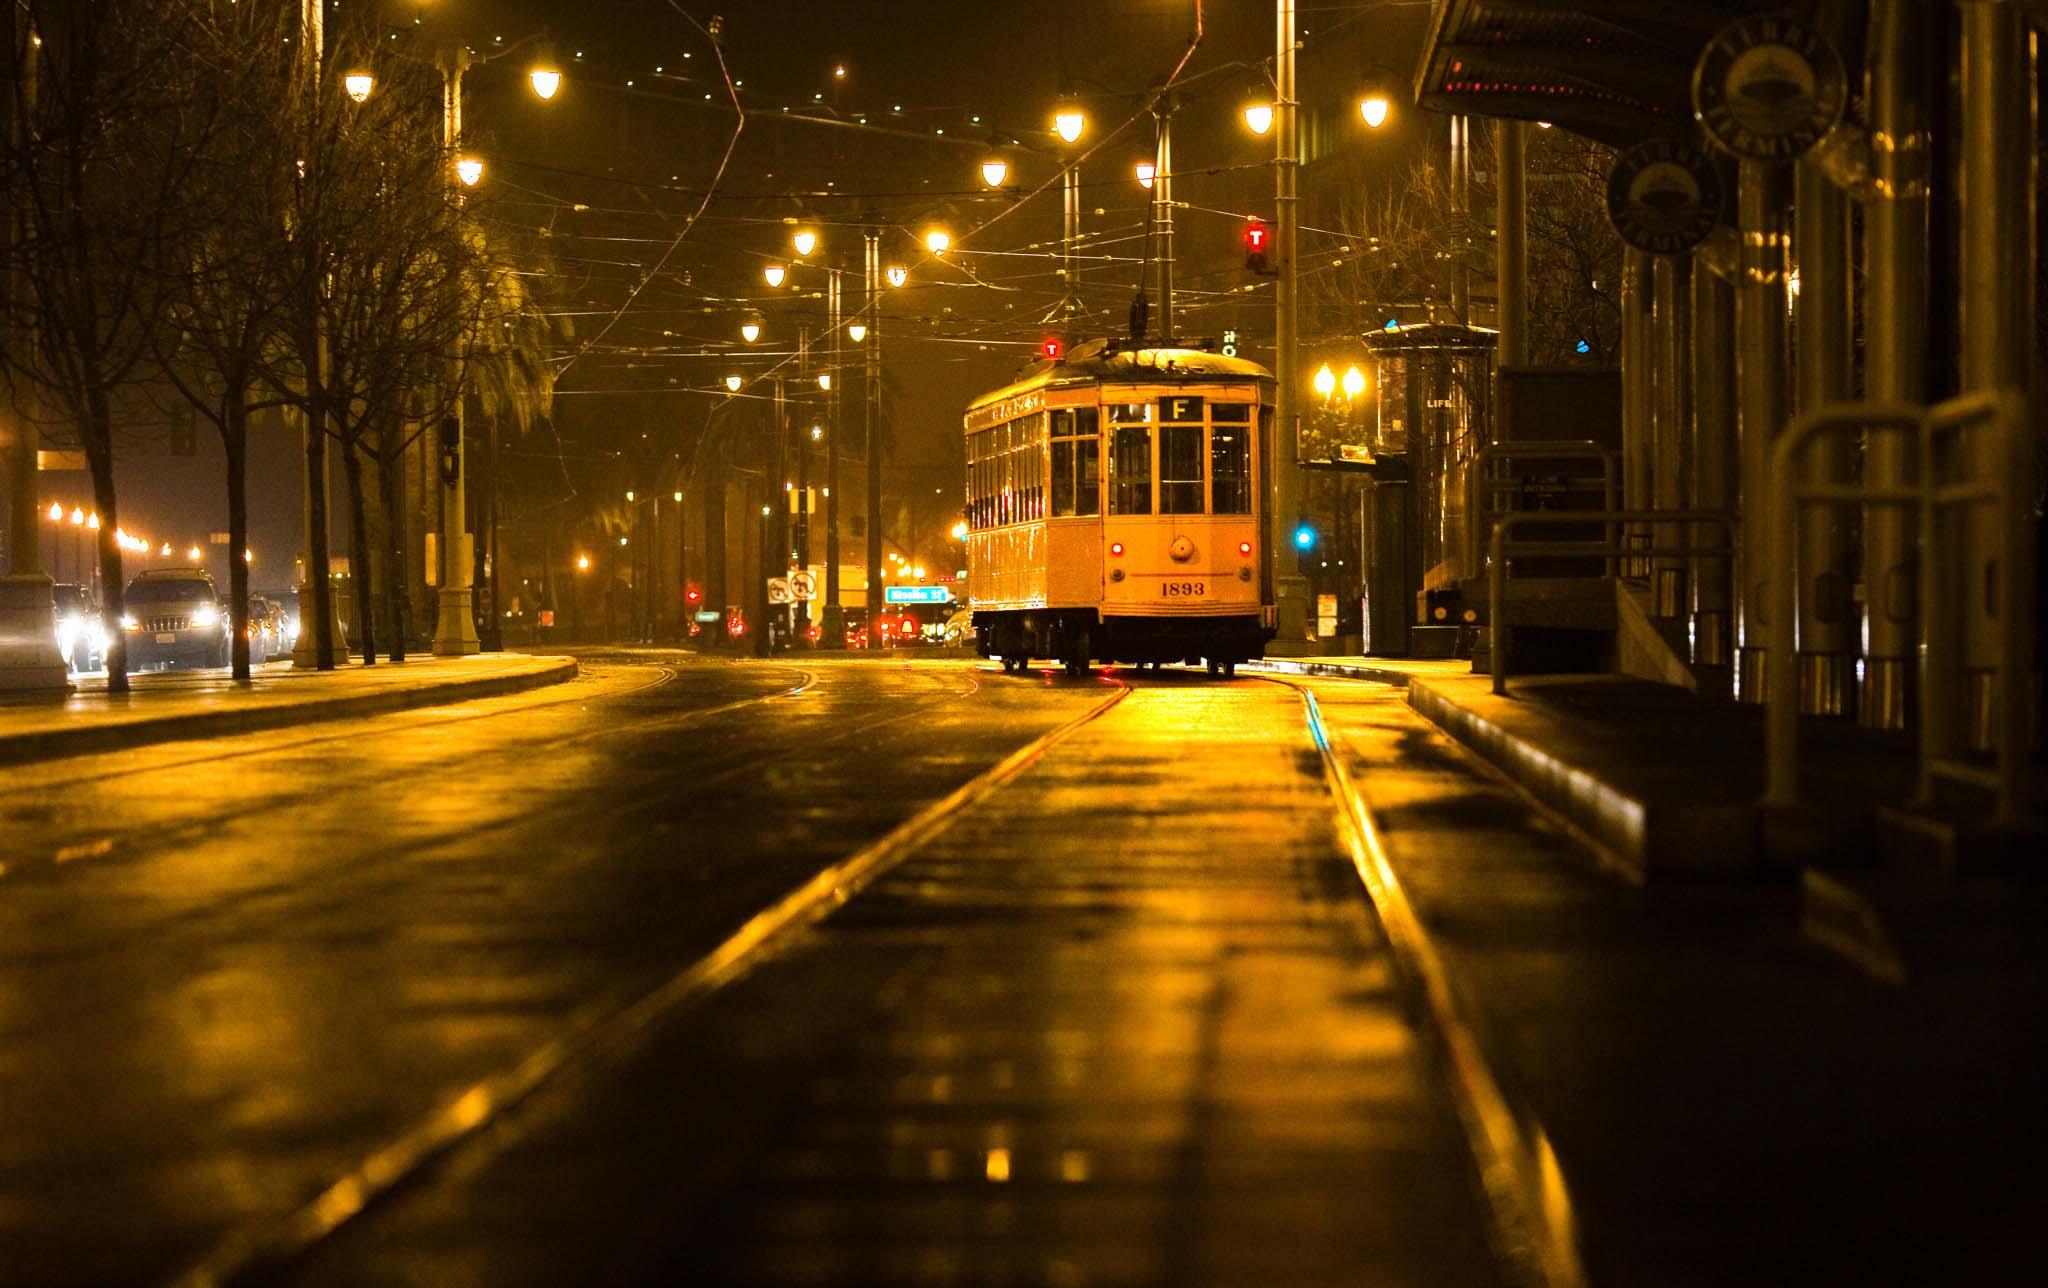 фото в трамвае ночью этого щелкните строке